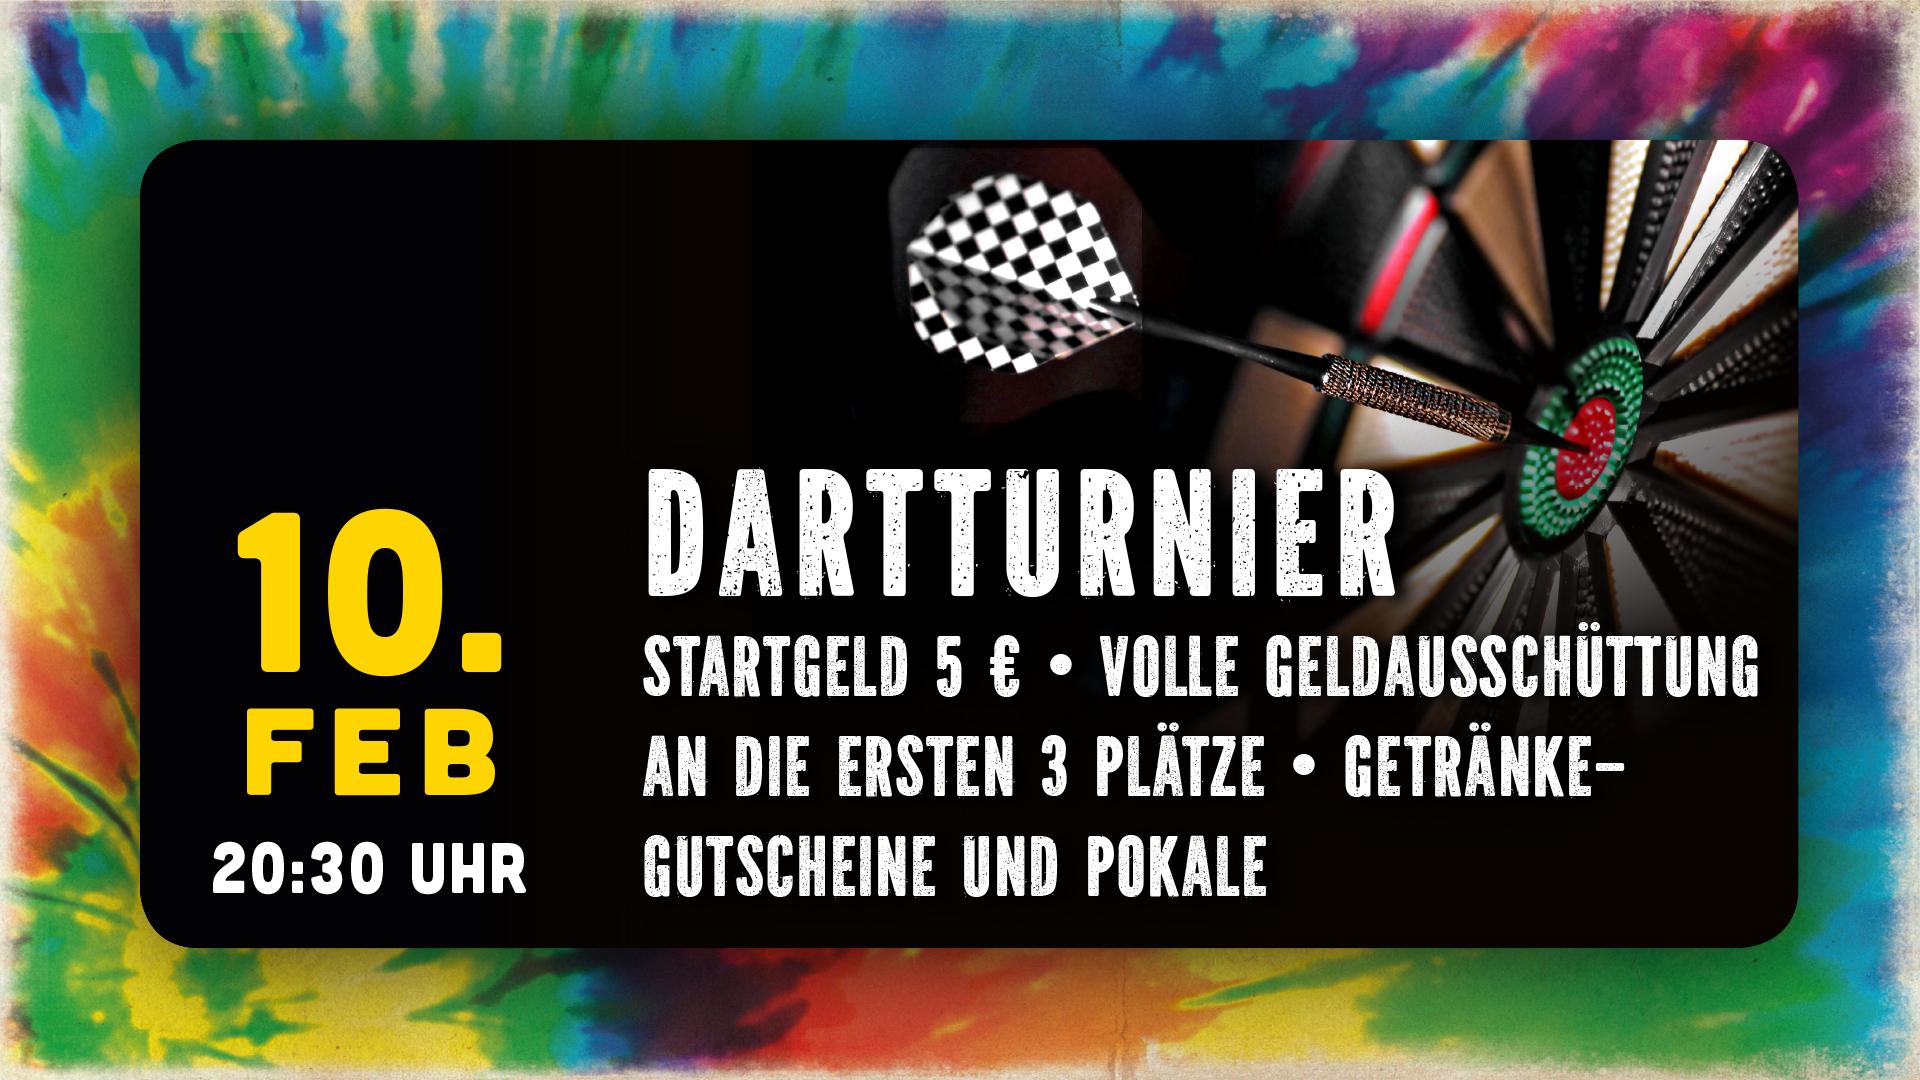 Darttunier